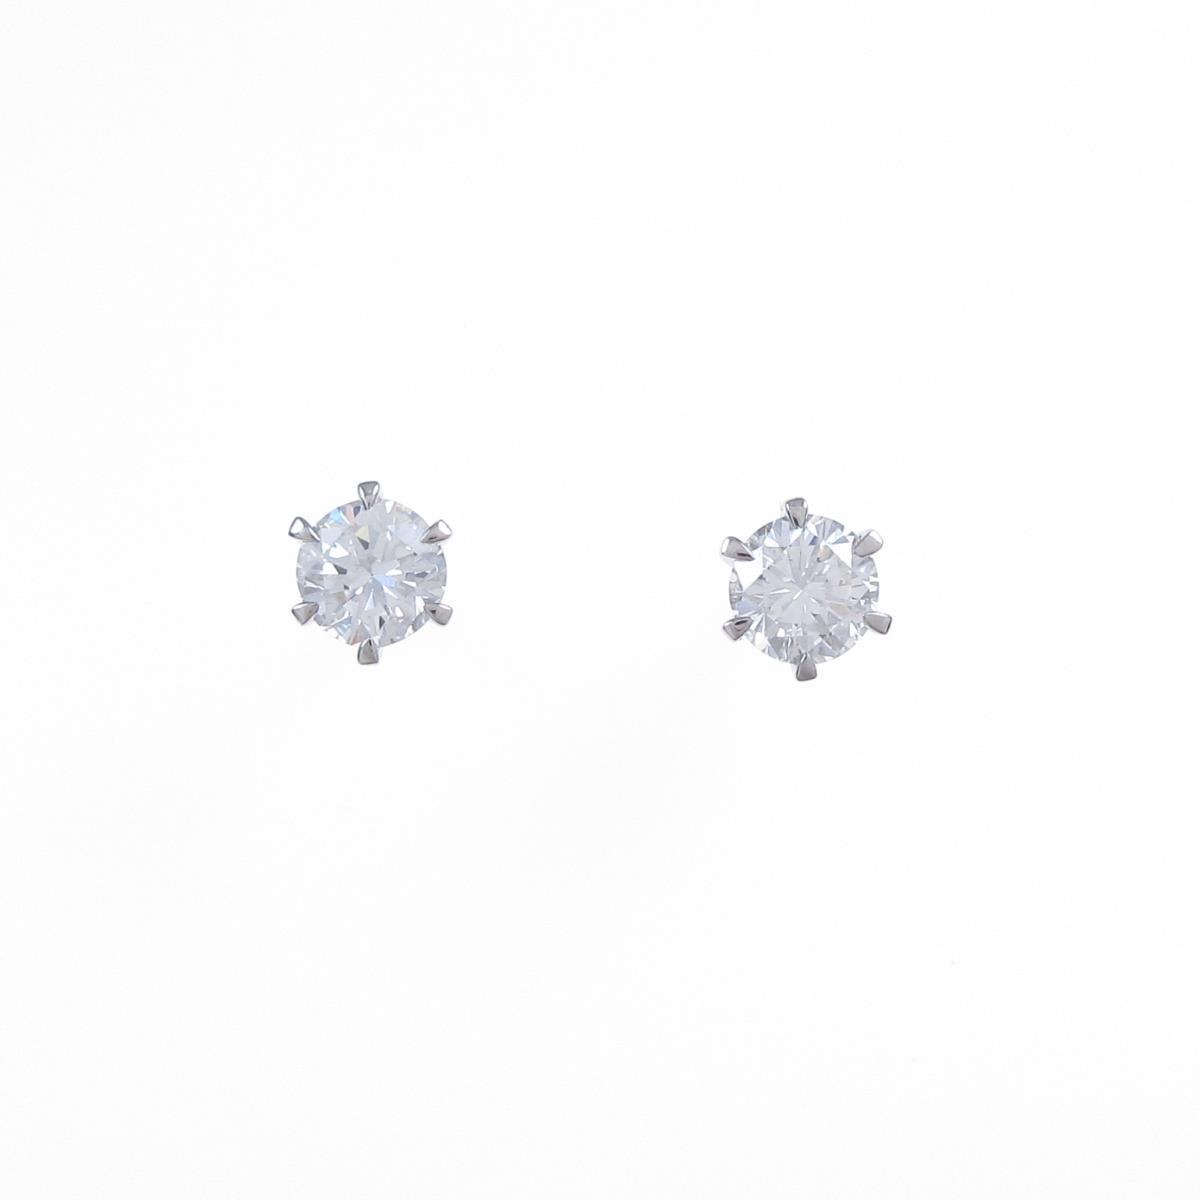 【リメイク】ST/プラチナダイヤモンドピアス 0.413ct・0.427ct・F-G・VS2・GOOD【中古】